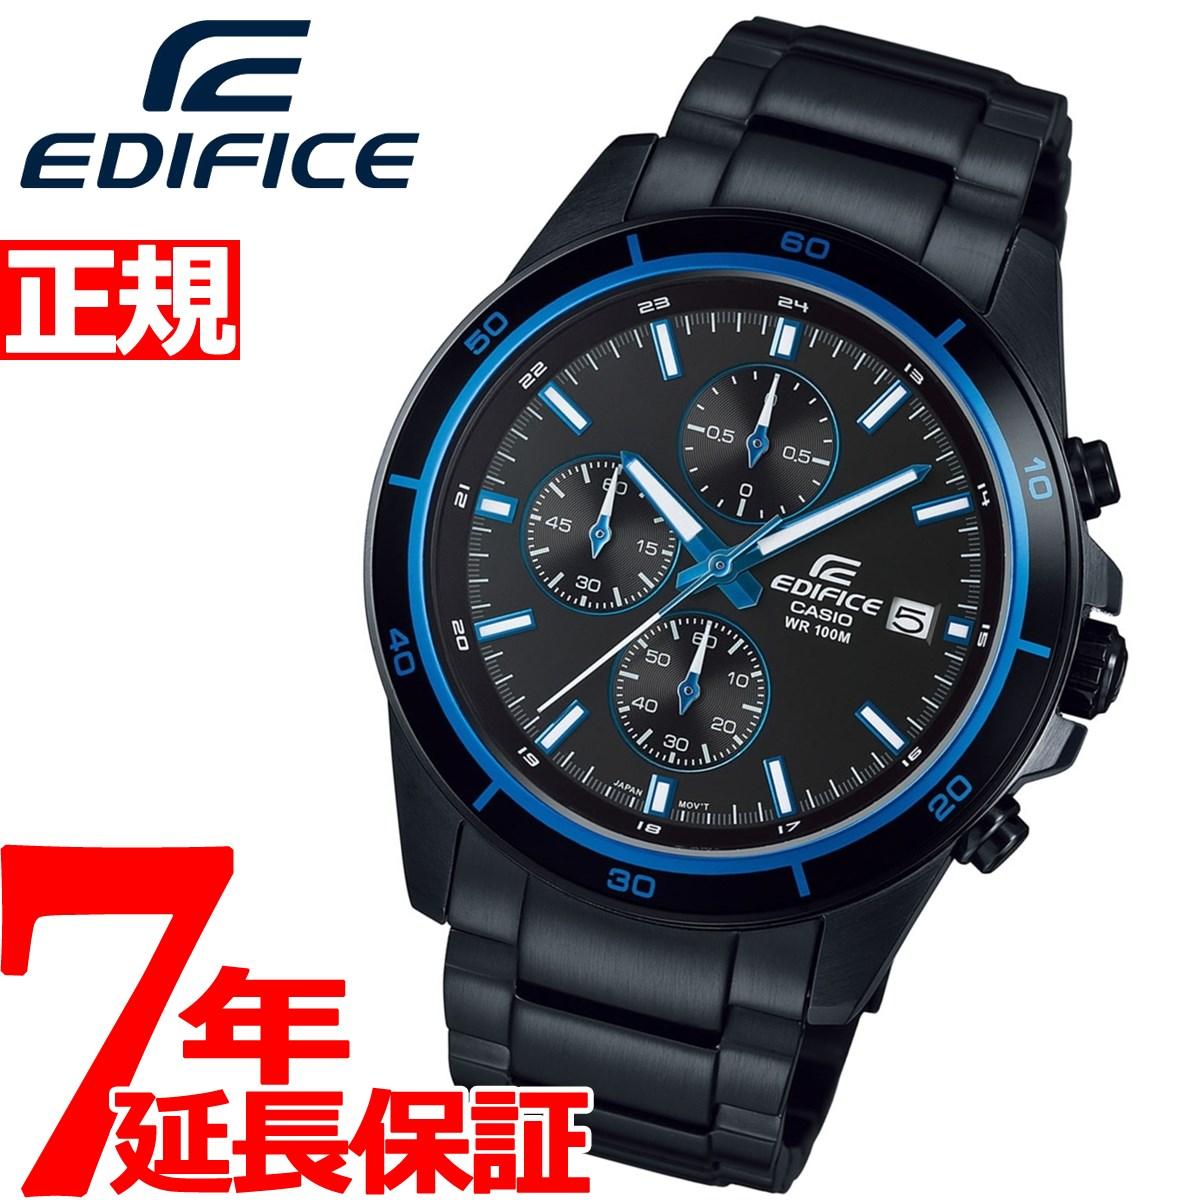 カシオ エディフィス CASIO EDIFICE 限定モデル 腕時計 メンズ アナログ クロノグラフ EFR-526BKJ-1A2JF